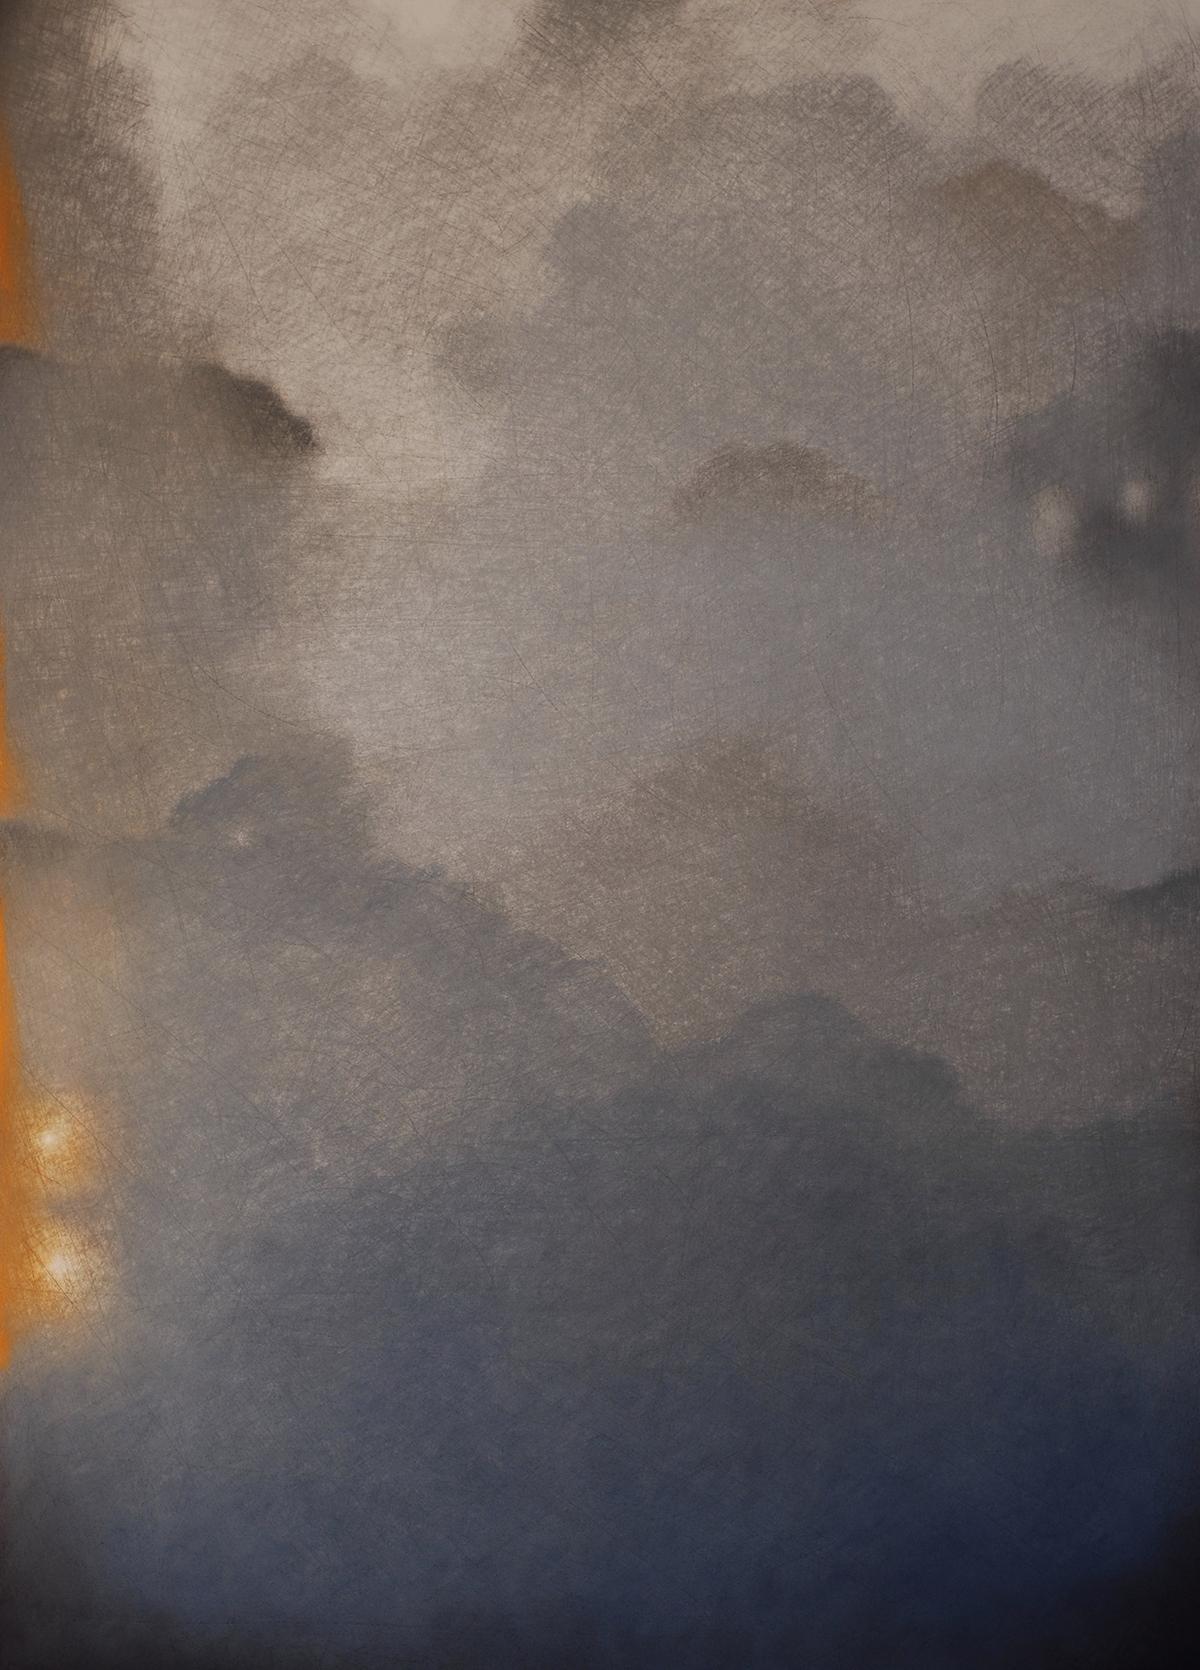 Un attimo,2008,Pastello su carton.,1020 x 730 mm.